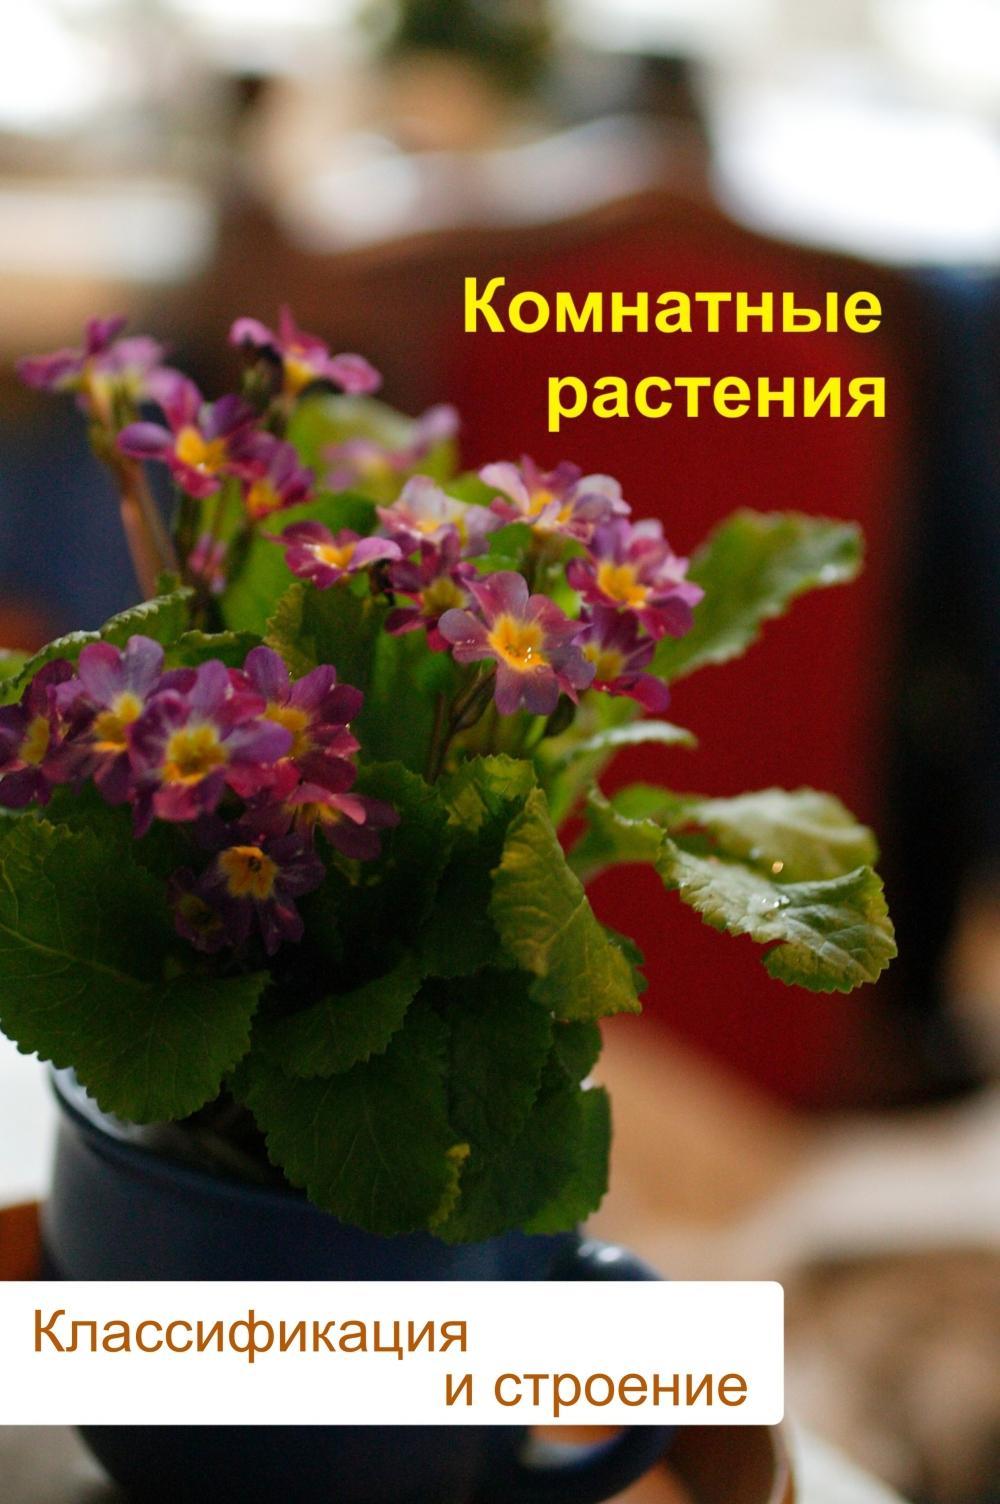 Илья Мельников Комнатные растения. Классификация и строение